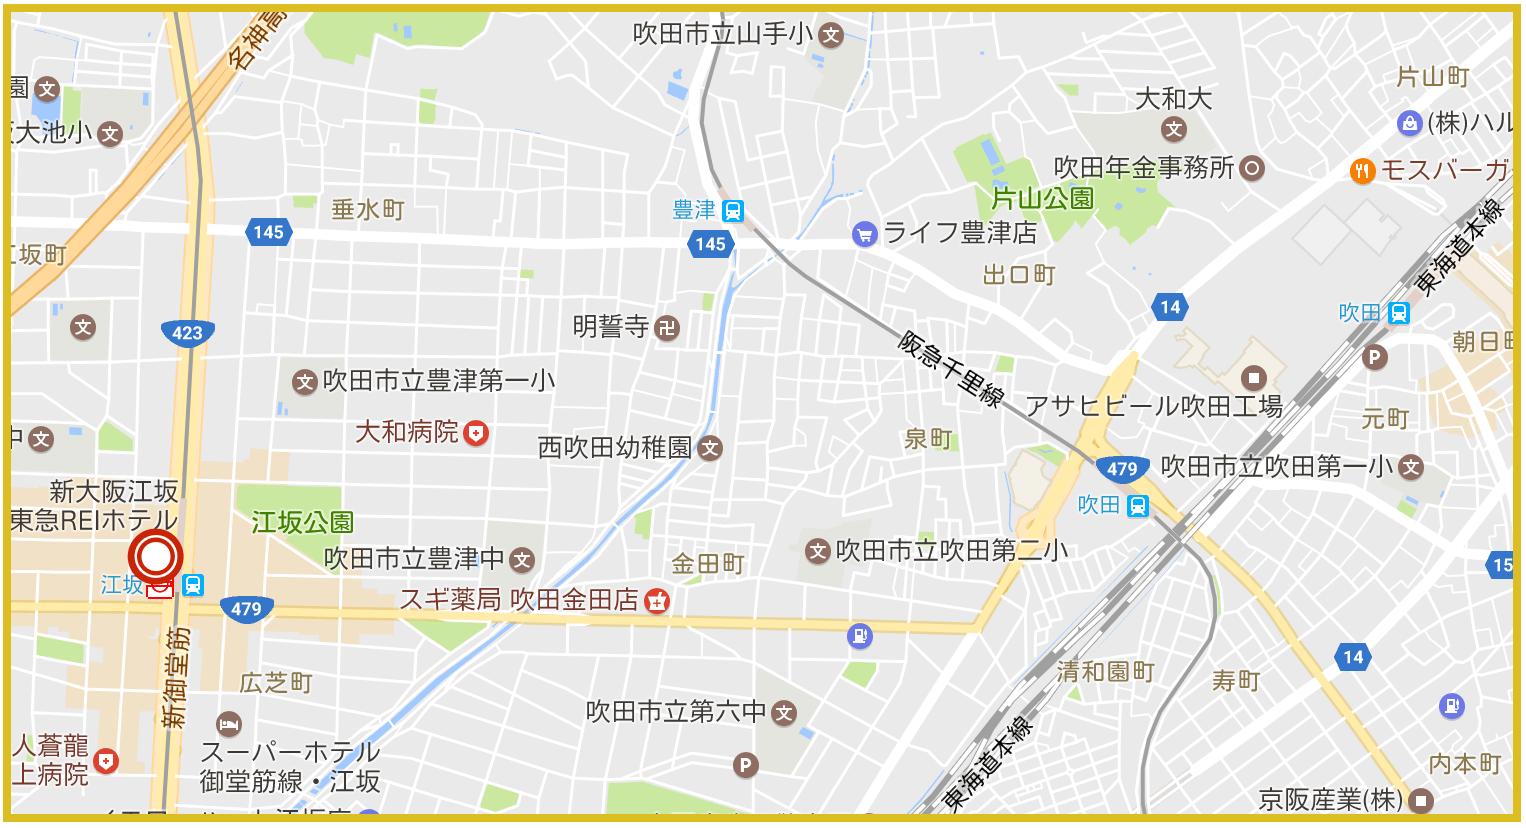 吹田市にあるプロミス店舗・ATMの位置(2020年版)